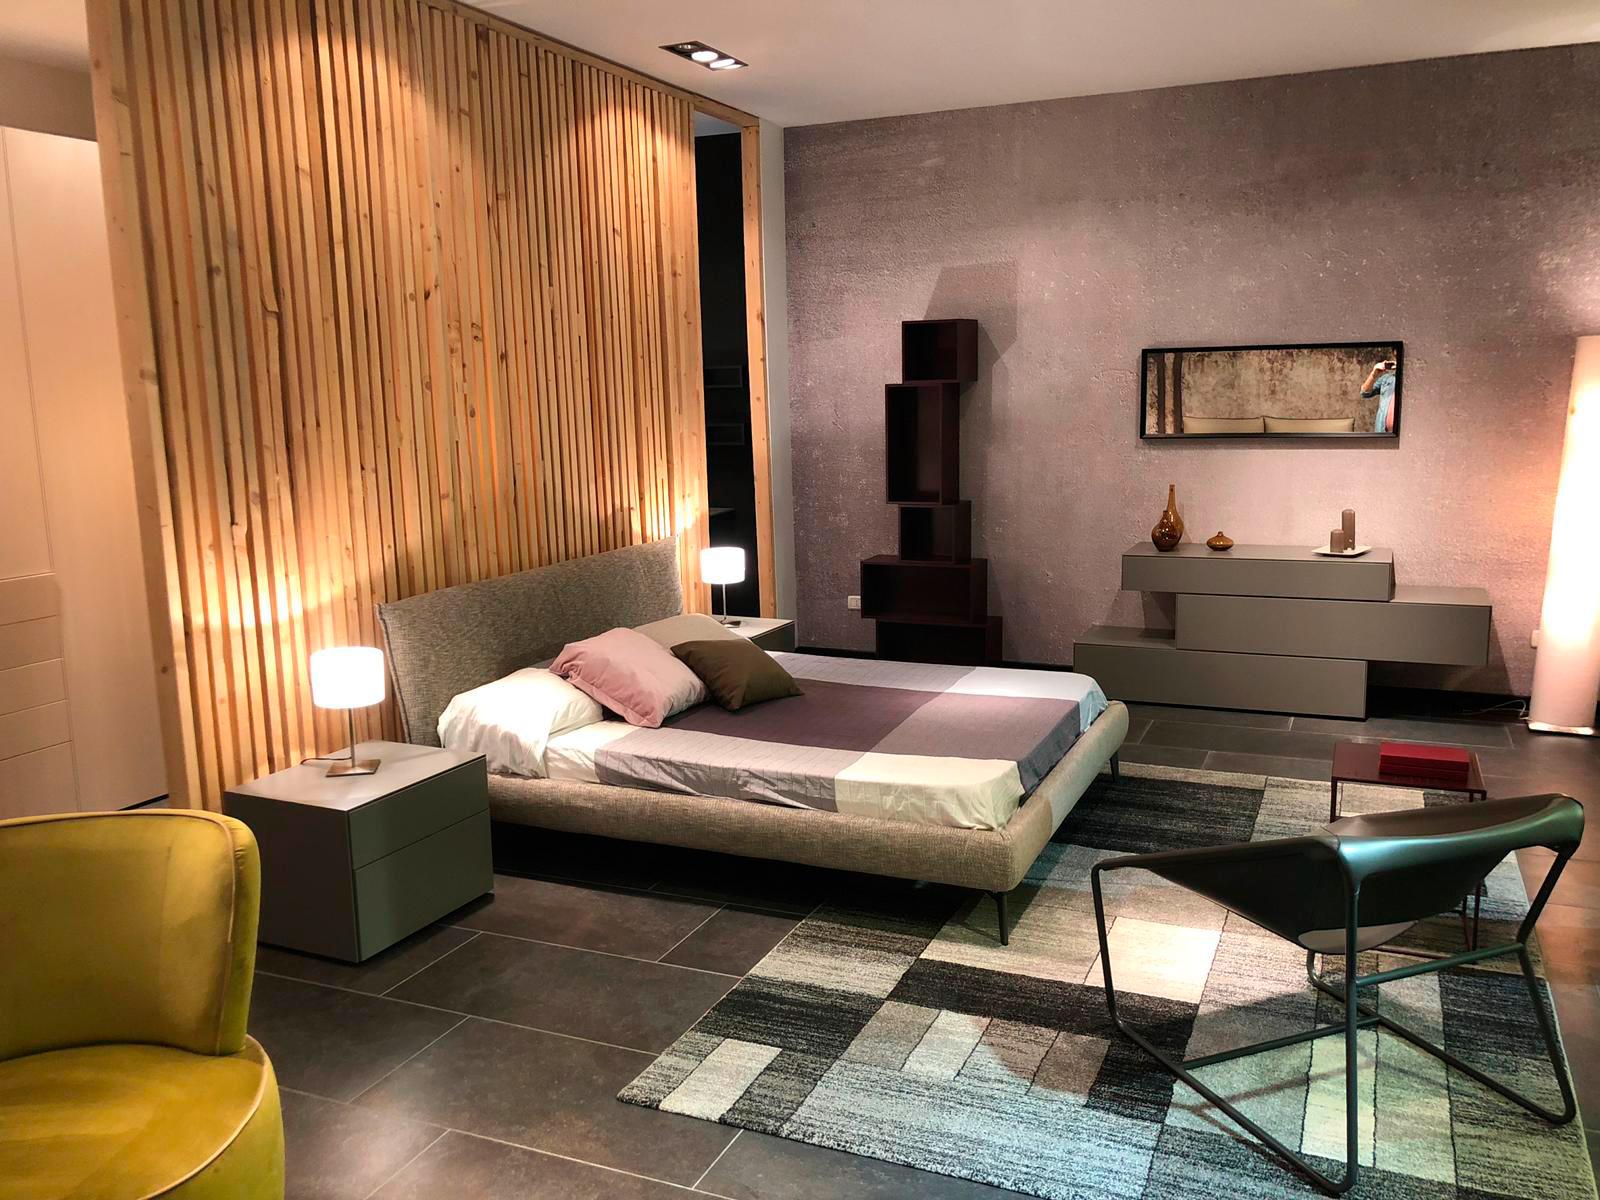 Per Sempre Arredamenti Napoli arredamenti a napoli e mobili di qualità – tolomello